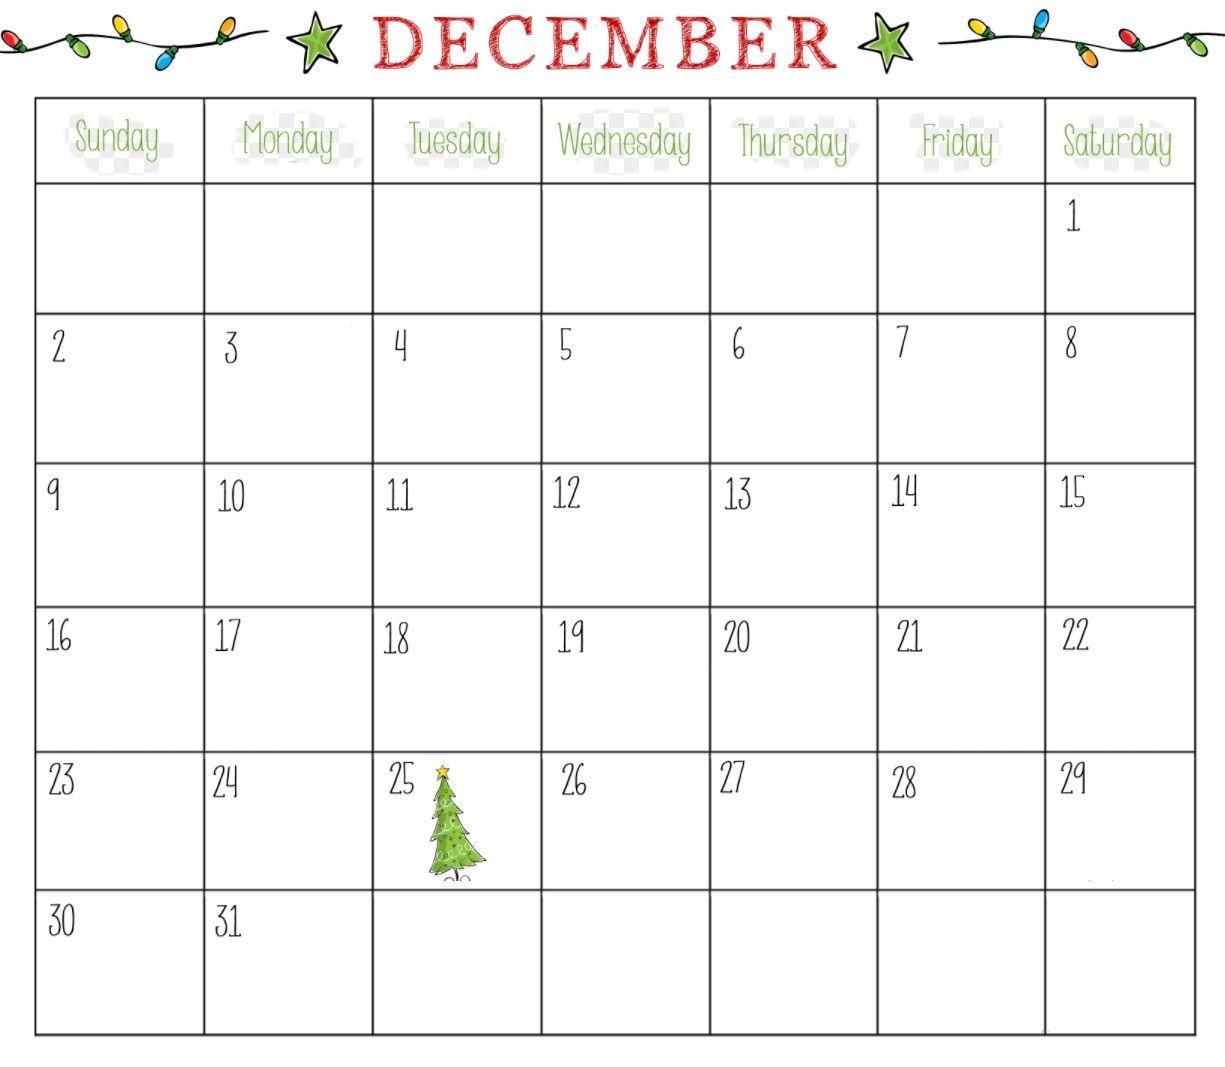 printable december 2018 blank calendar for office